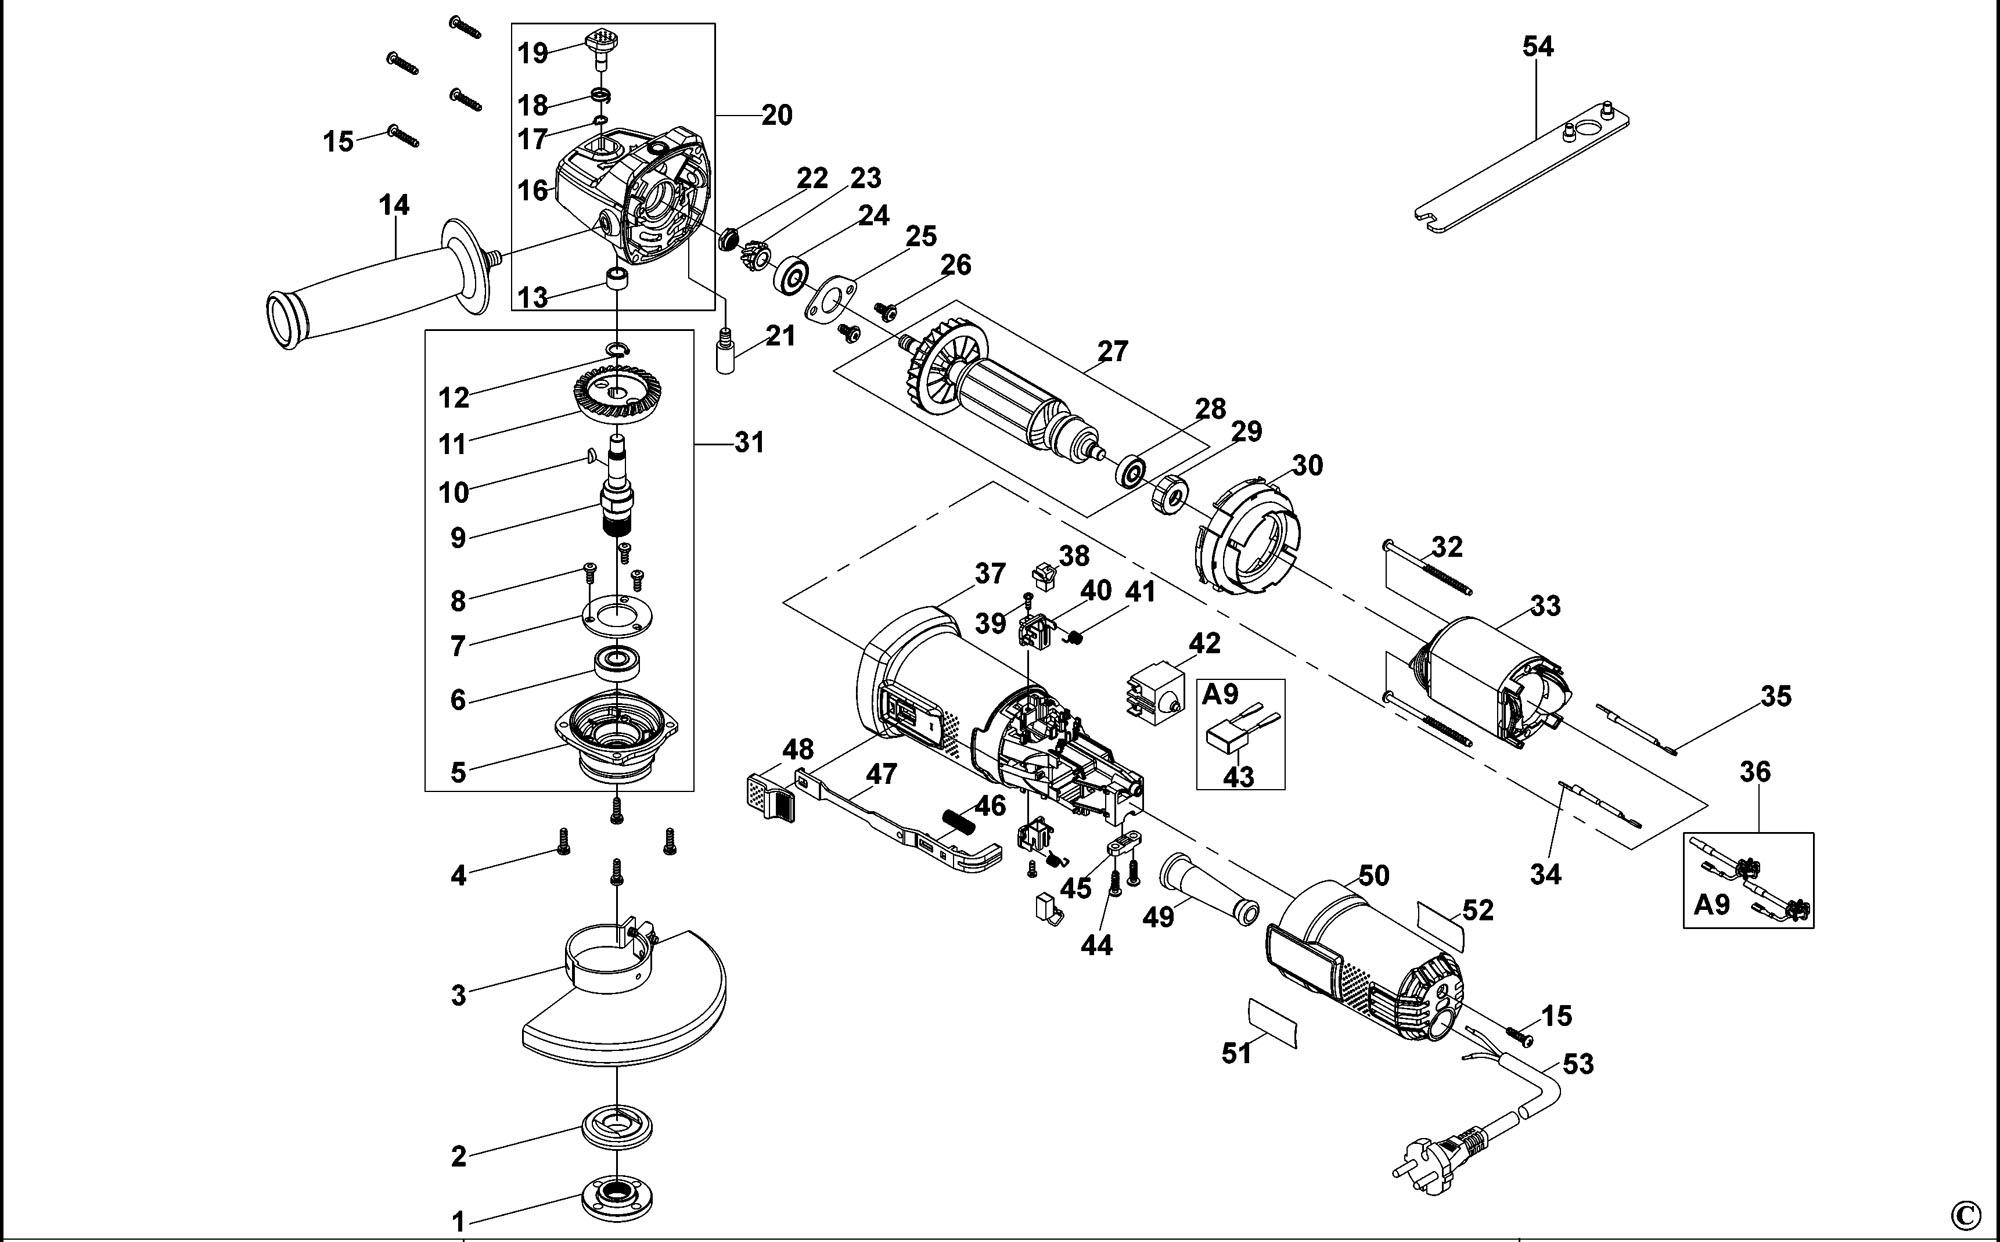 Spares For Black Amp Decker Ktg16 Angle Grinder Type 1